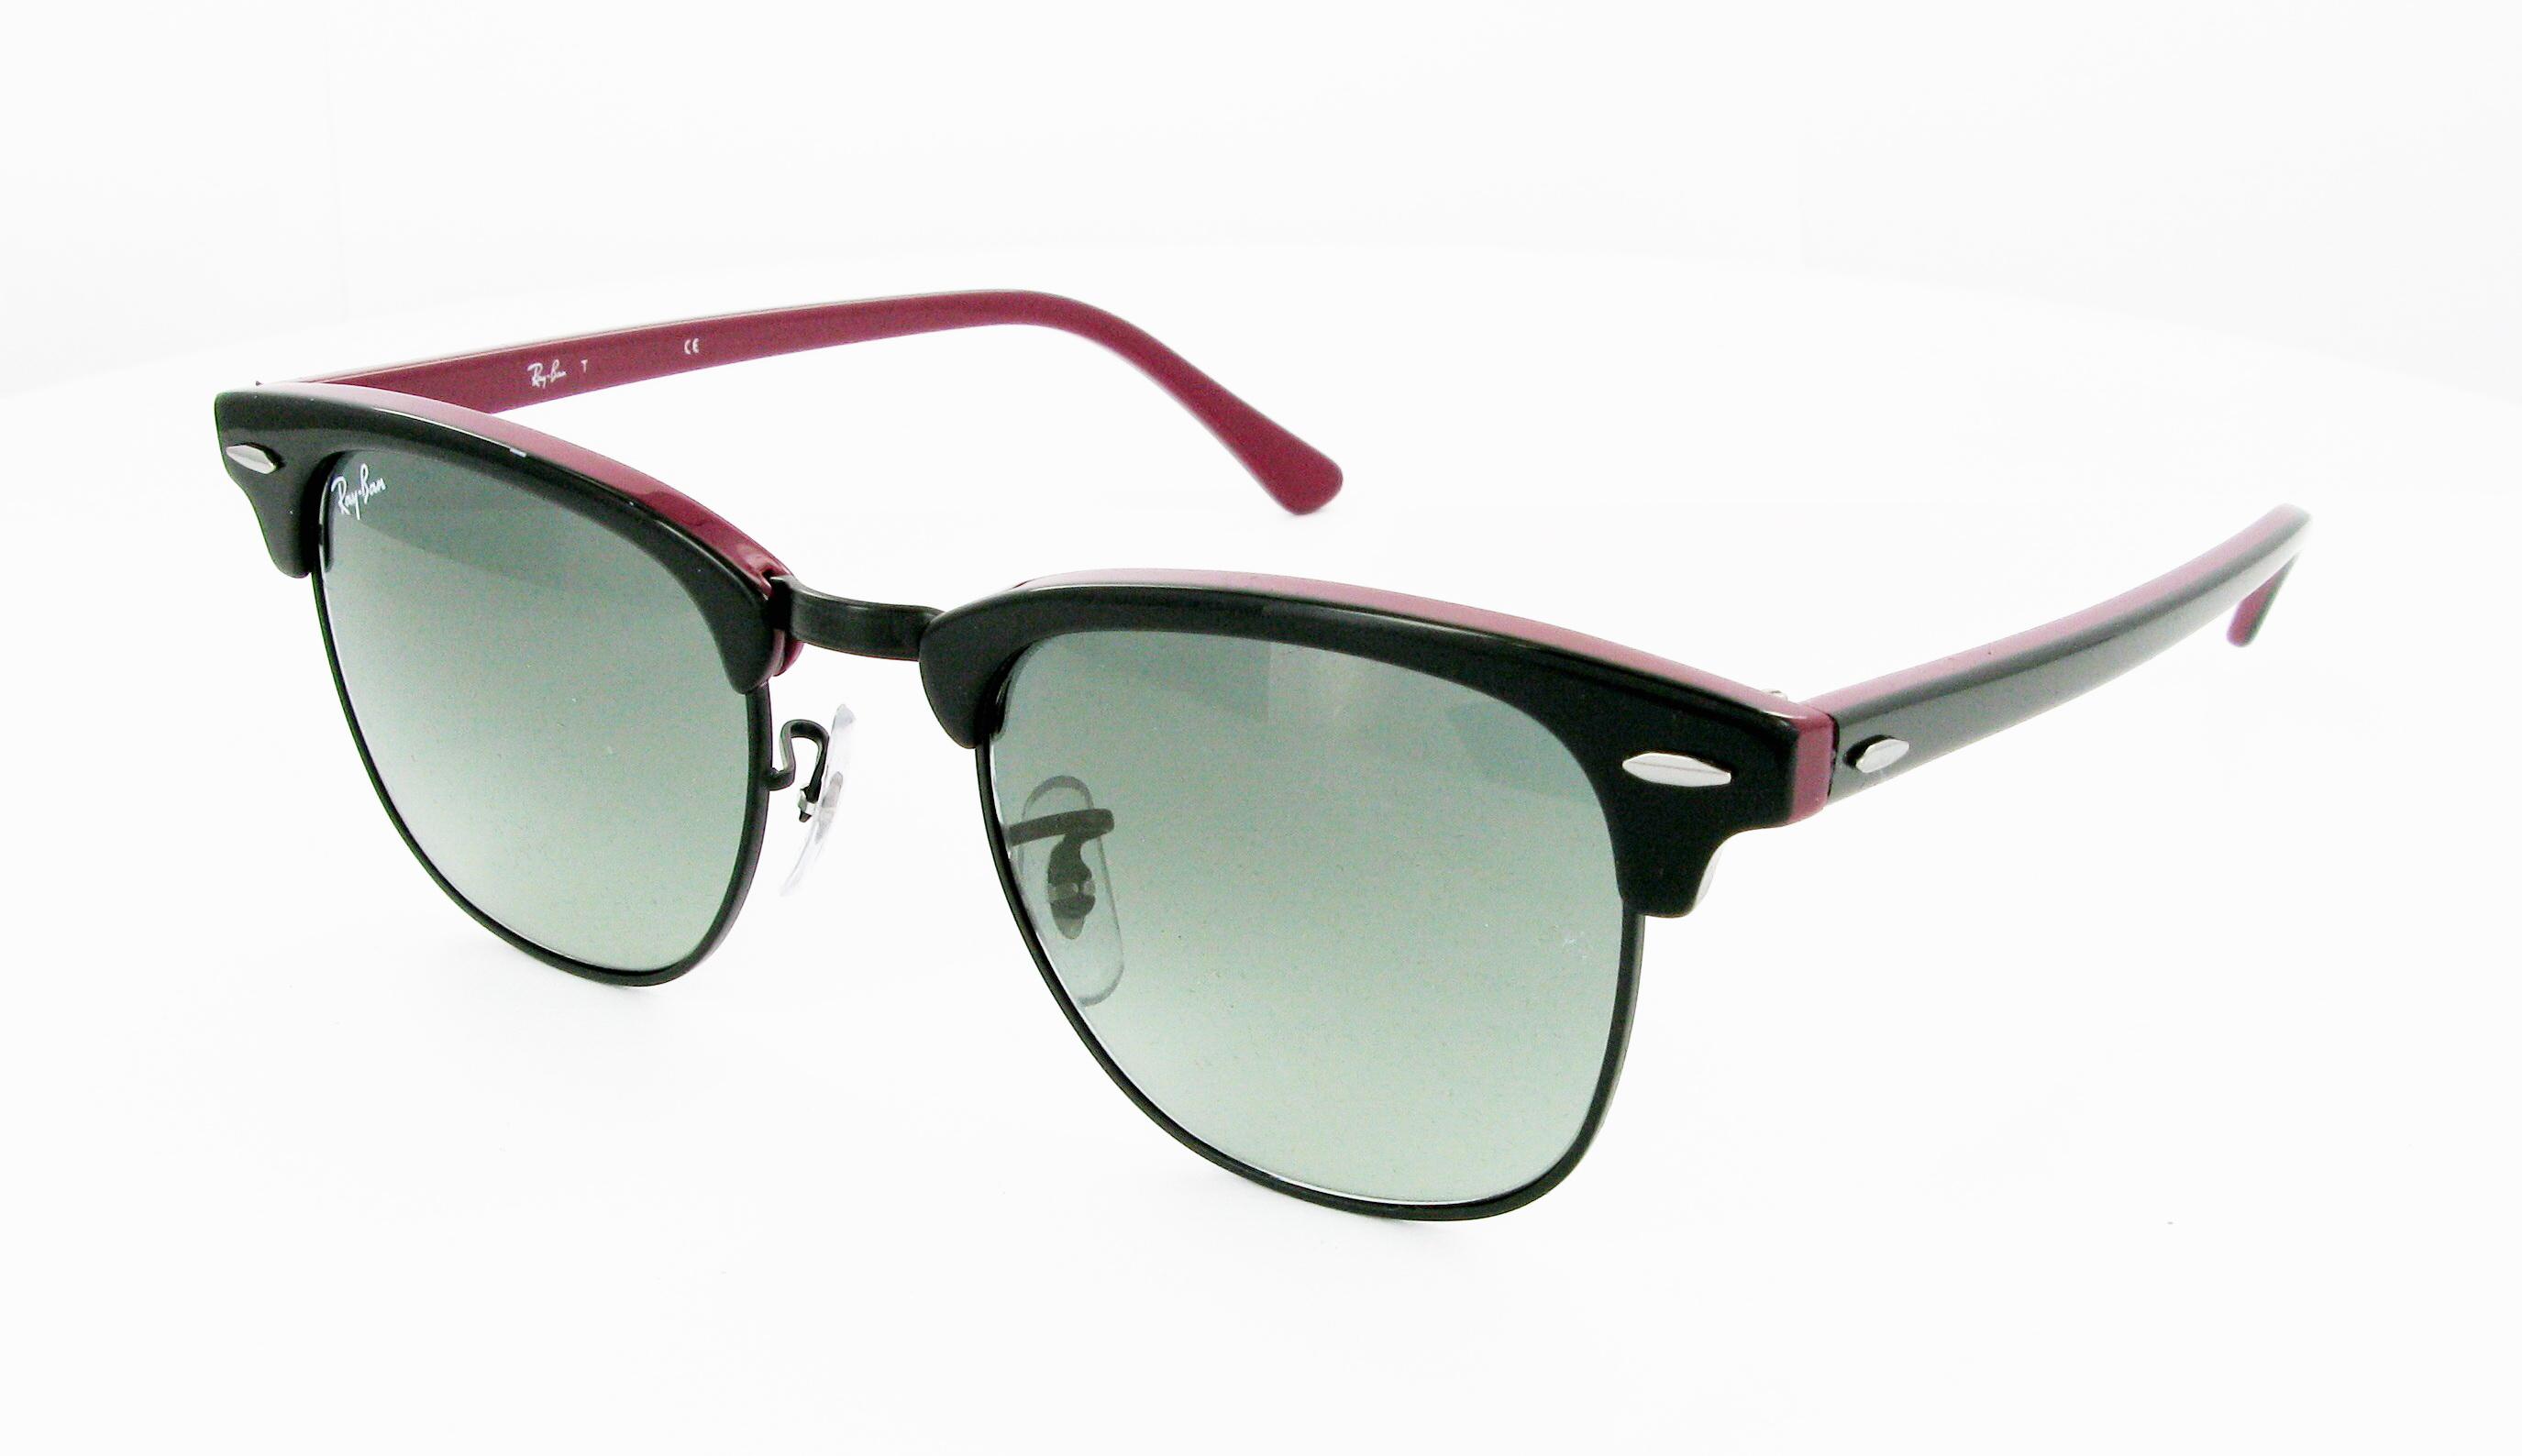 lunettes de soleil 0mmx0mm 0. Black Bedroom Furniture Sets. Home Design Ideas